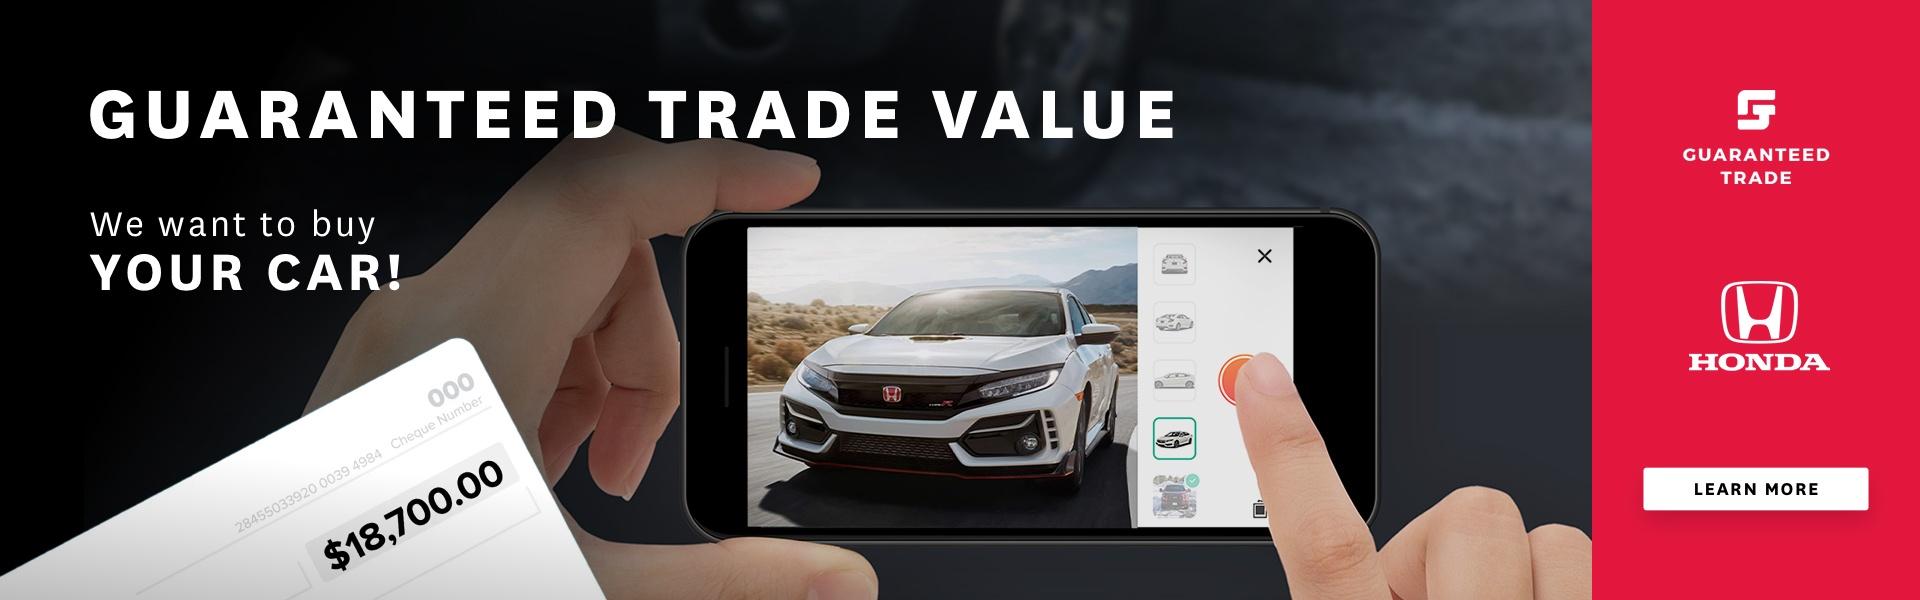 Guaranteed Trade Value